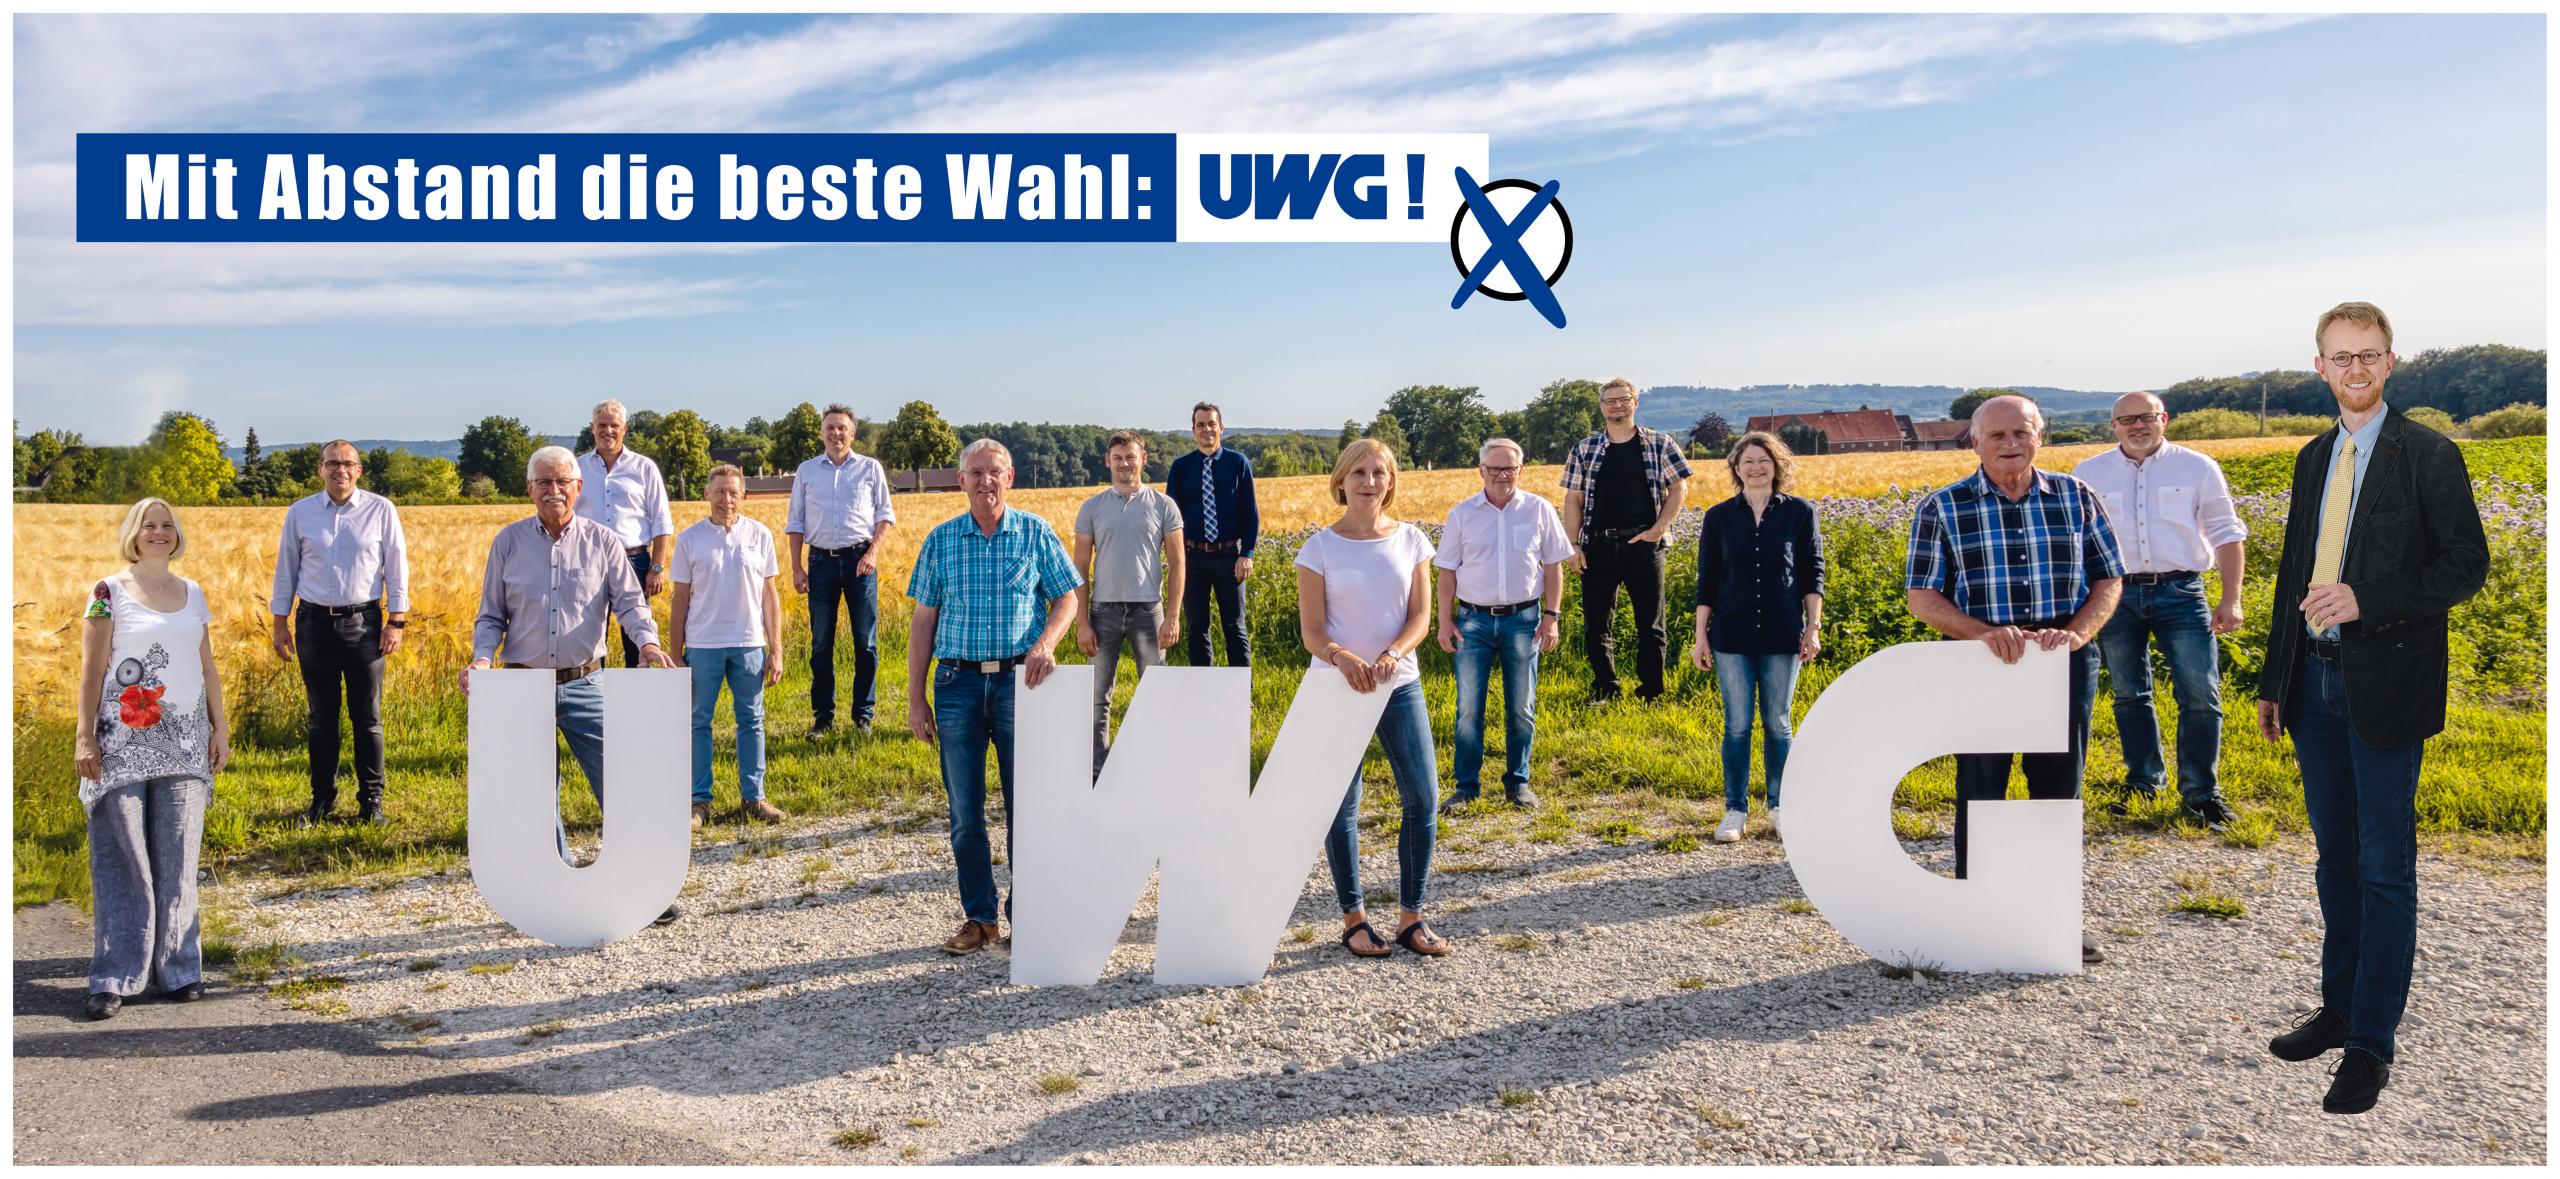 UWG Wahlplakat 2020